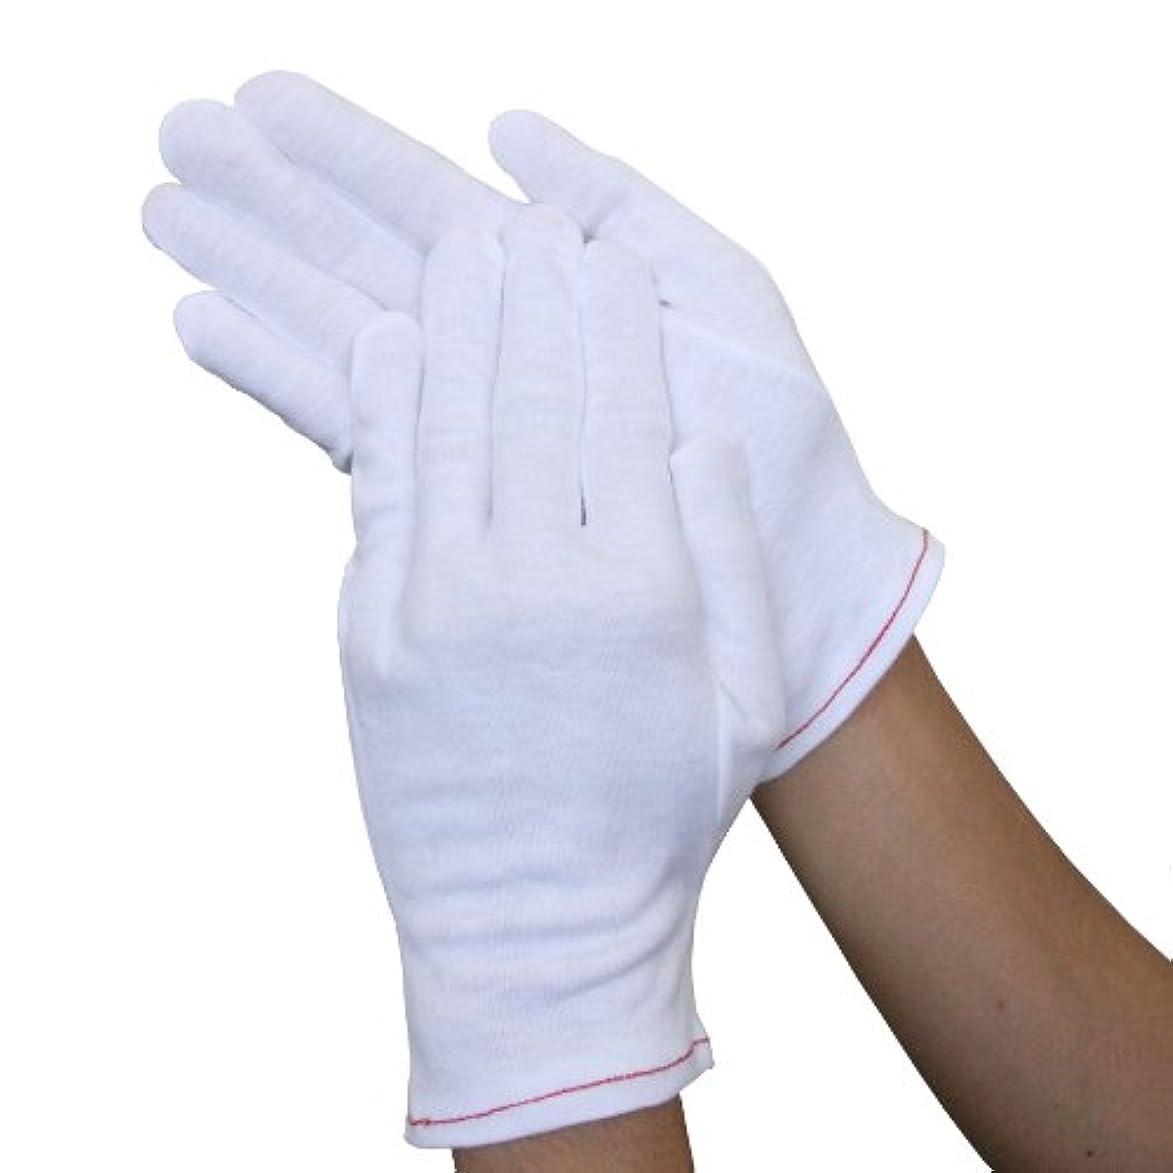 ピザ意気揚々カレンダーウインセス 【心地よい肌触り/おやすみ手袋】 綿100%手袋 (2双) (S)